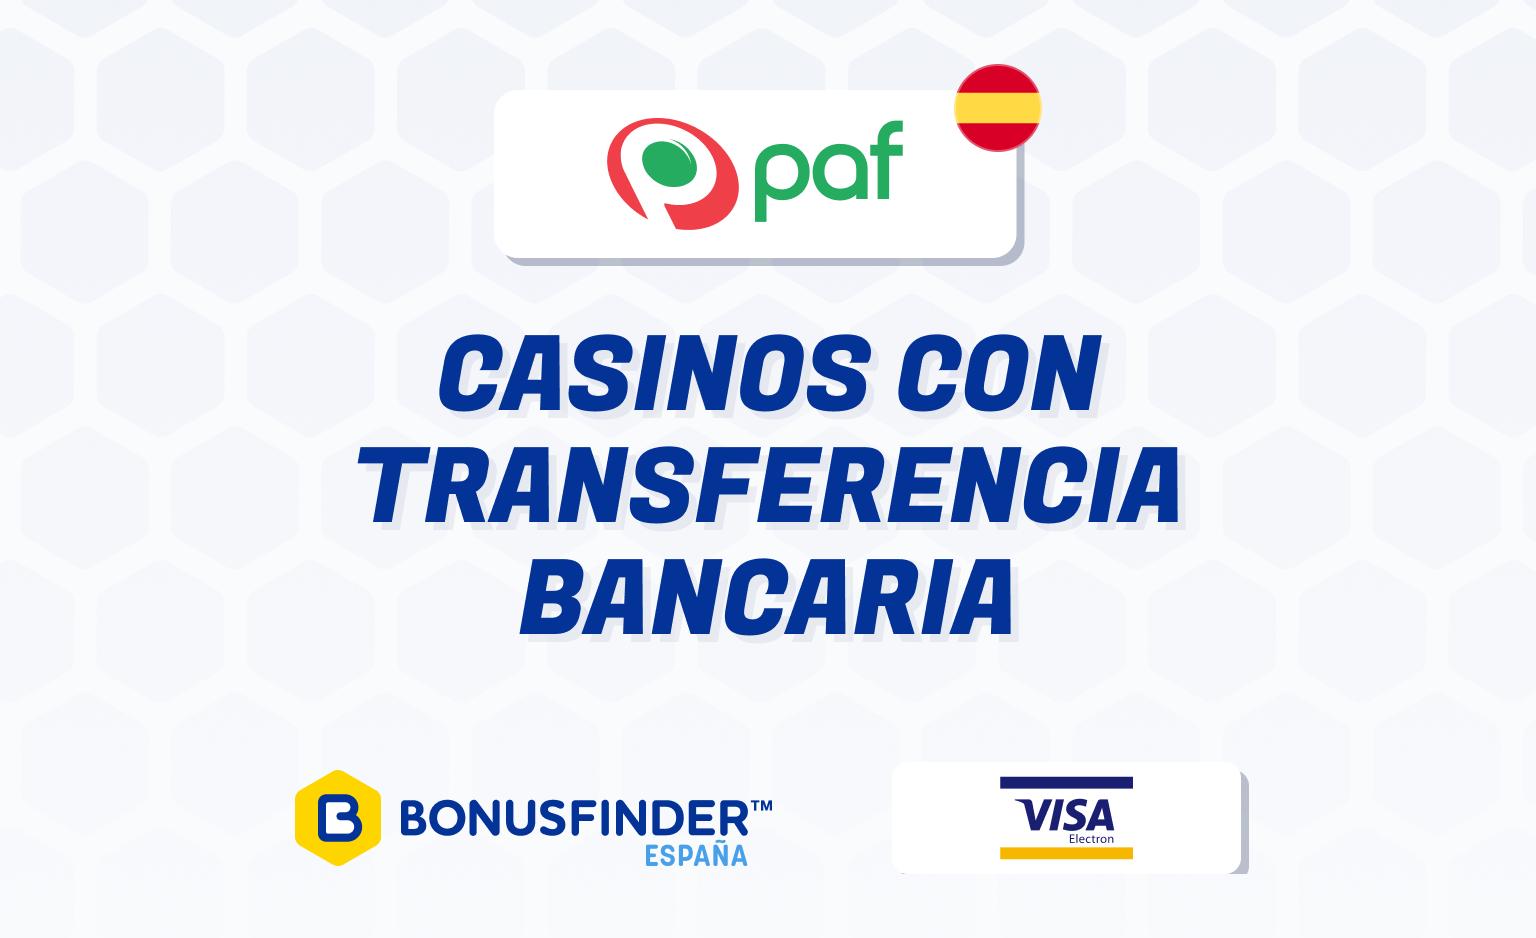 Casinos Online Que Aceptan Transferencias Bancarias